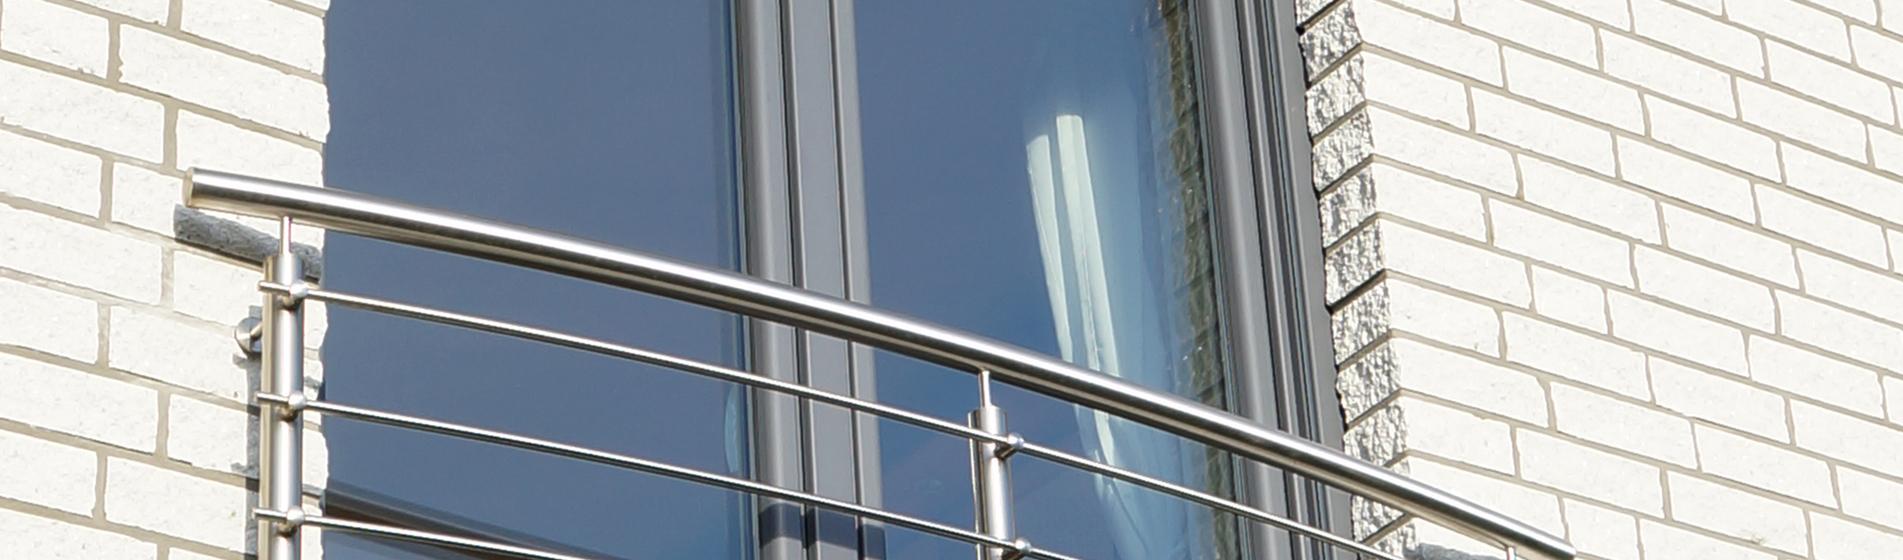 rénovation garde corps balcon 30 Gard